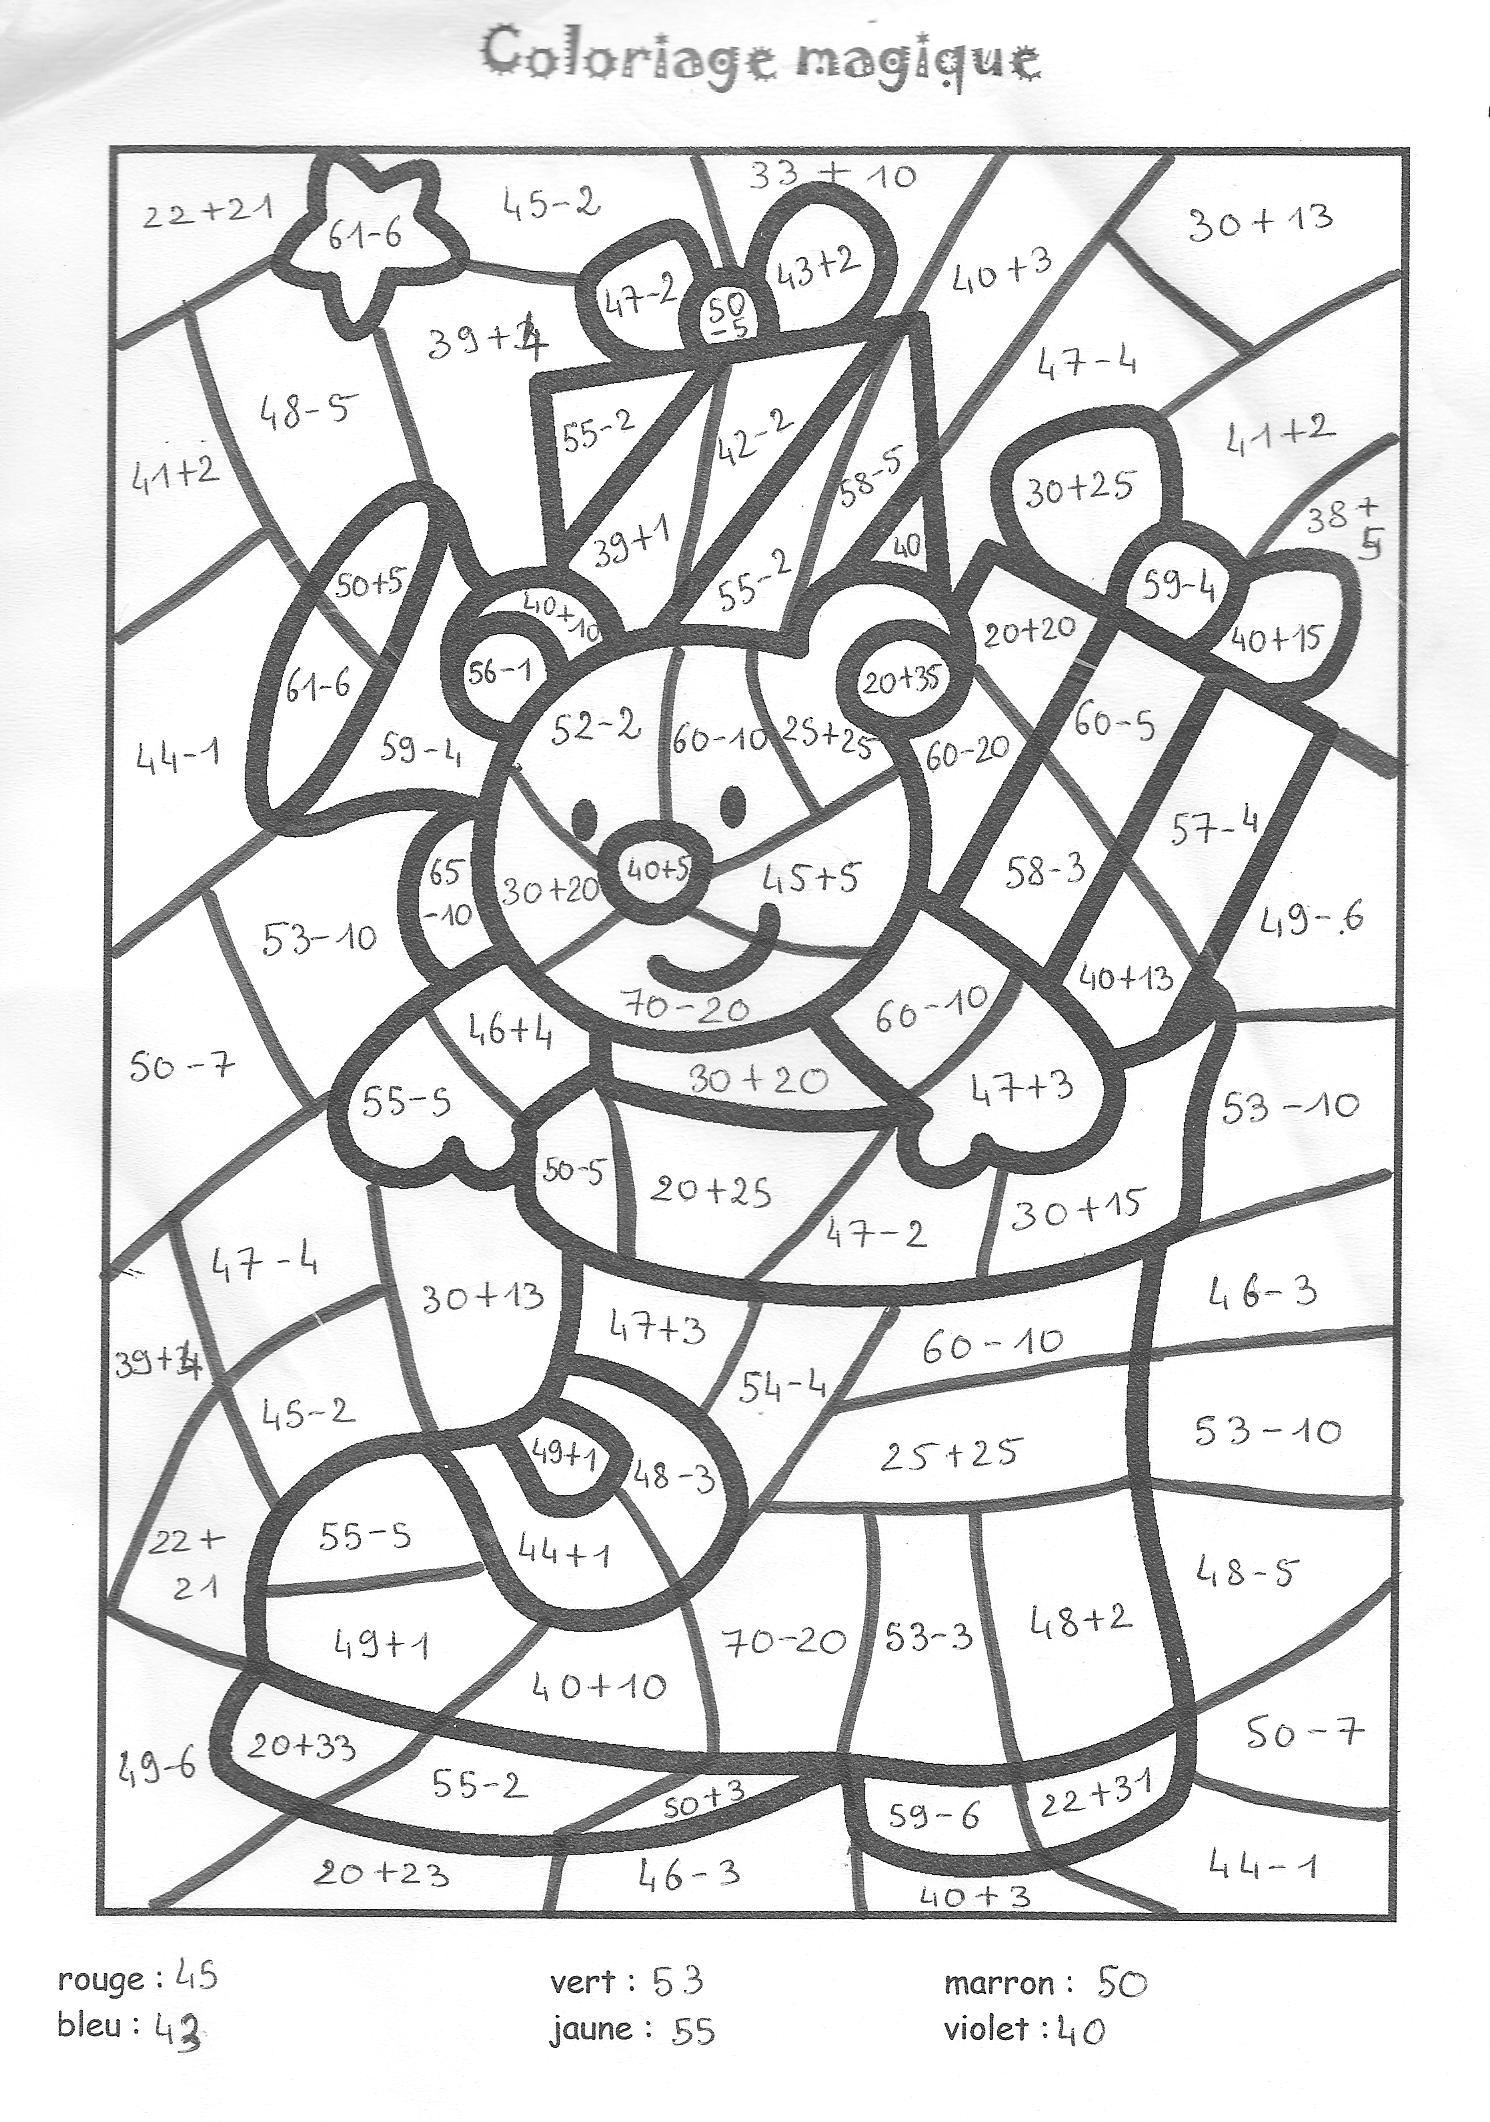 Coloriage204: Coloriage Magique De Noel À Imprimer concernant Coloriage Magique Maternelle Moyenne Section